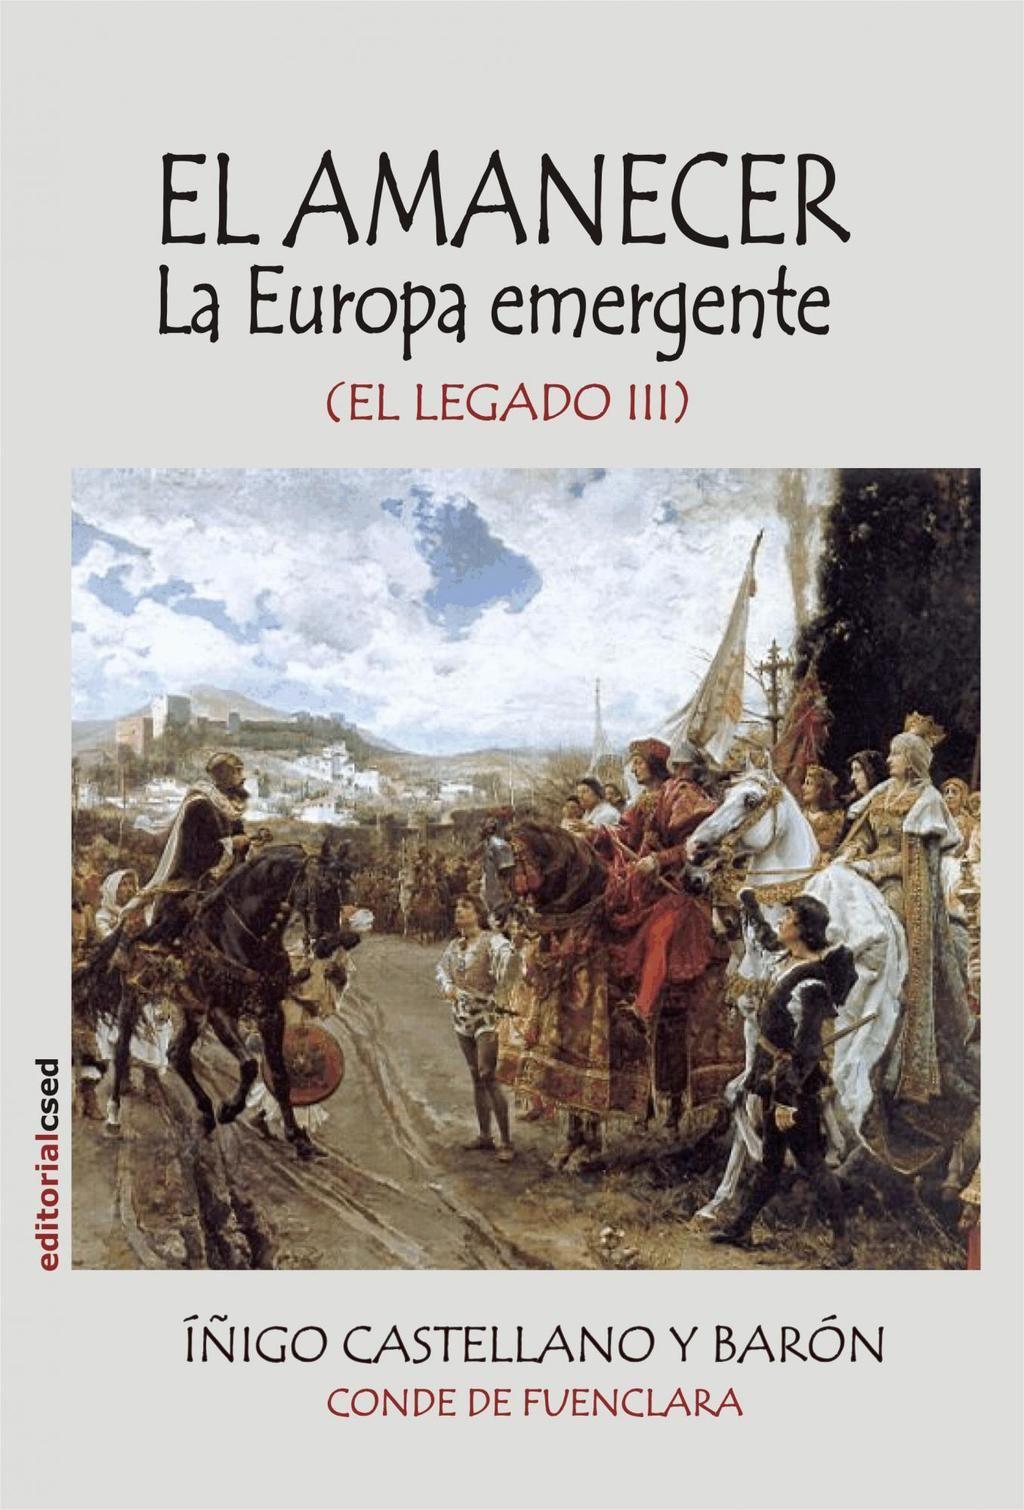 El amanecer: la Europa emergente, de Íñigo Castellano